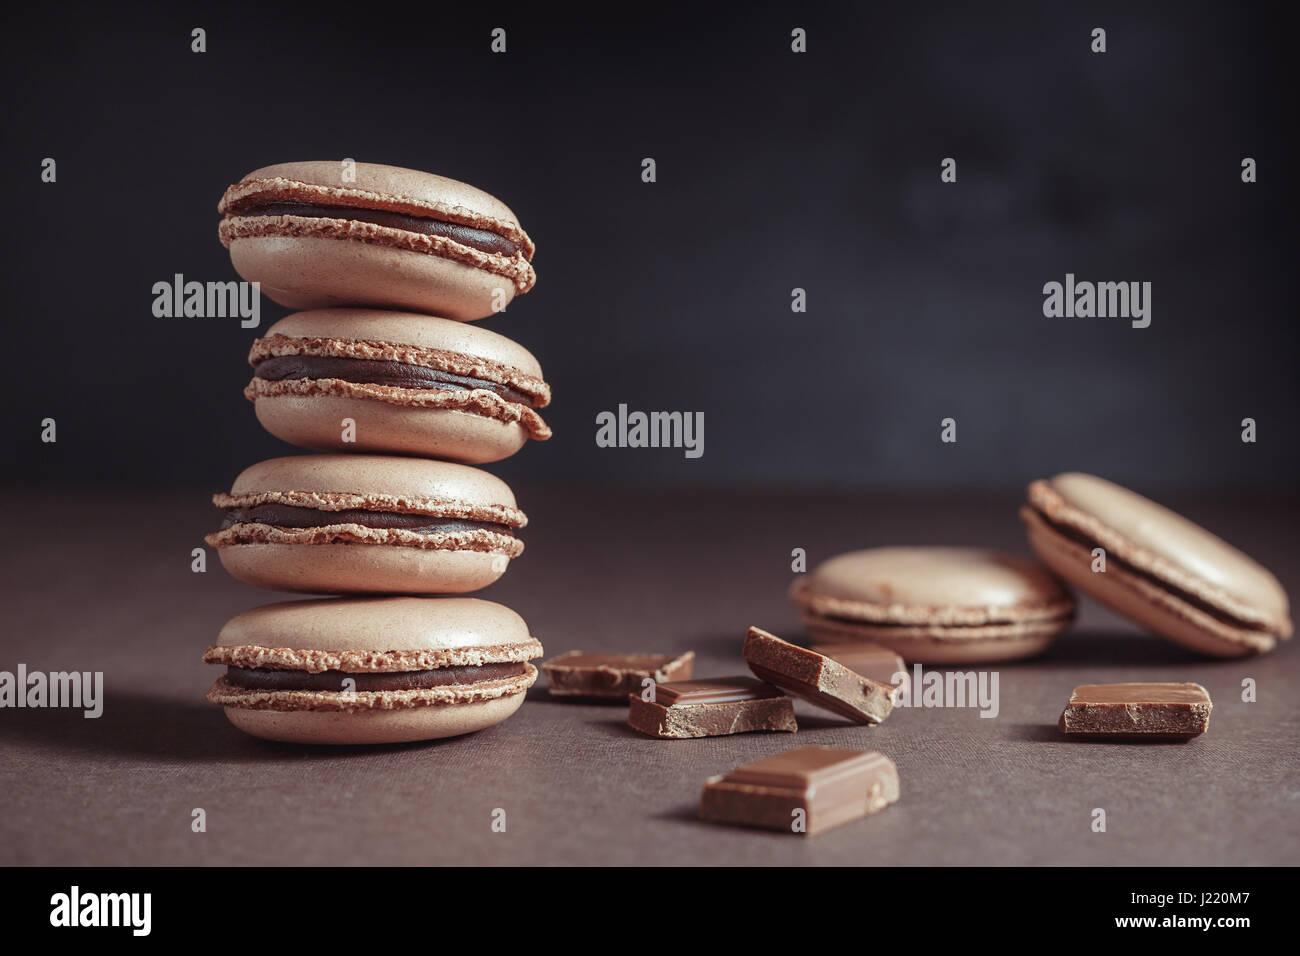 Stapel von Schokolade Pastell braune Macarons oder Makronen auf dunklem Hintergrund Stockbild